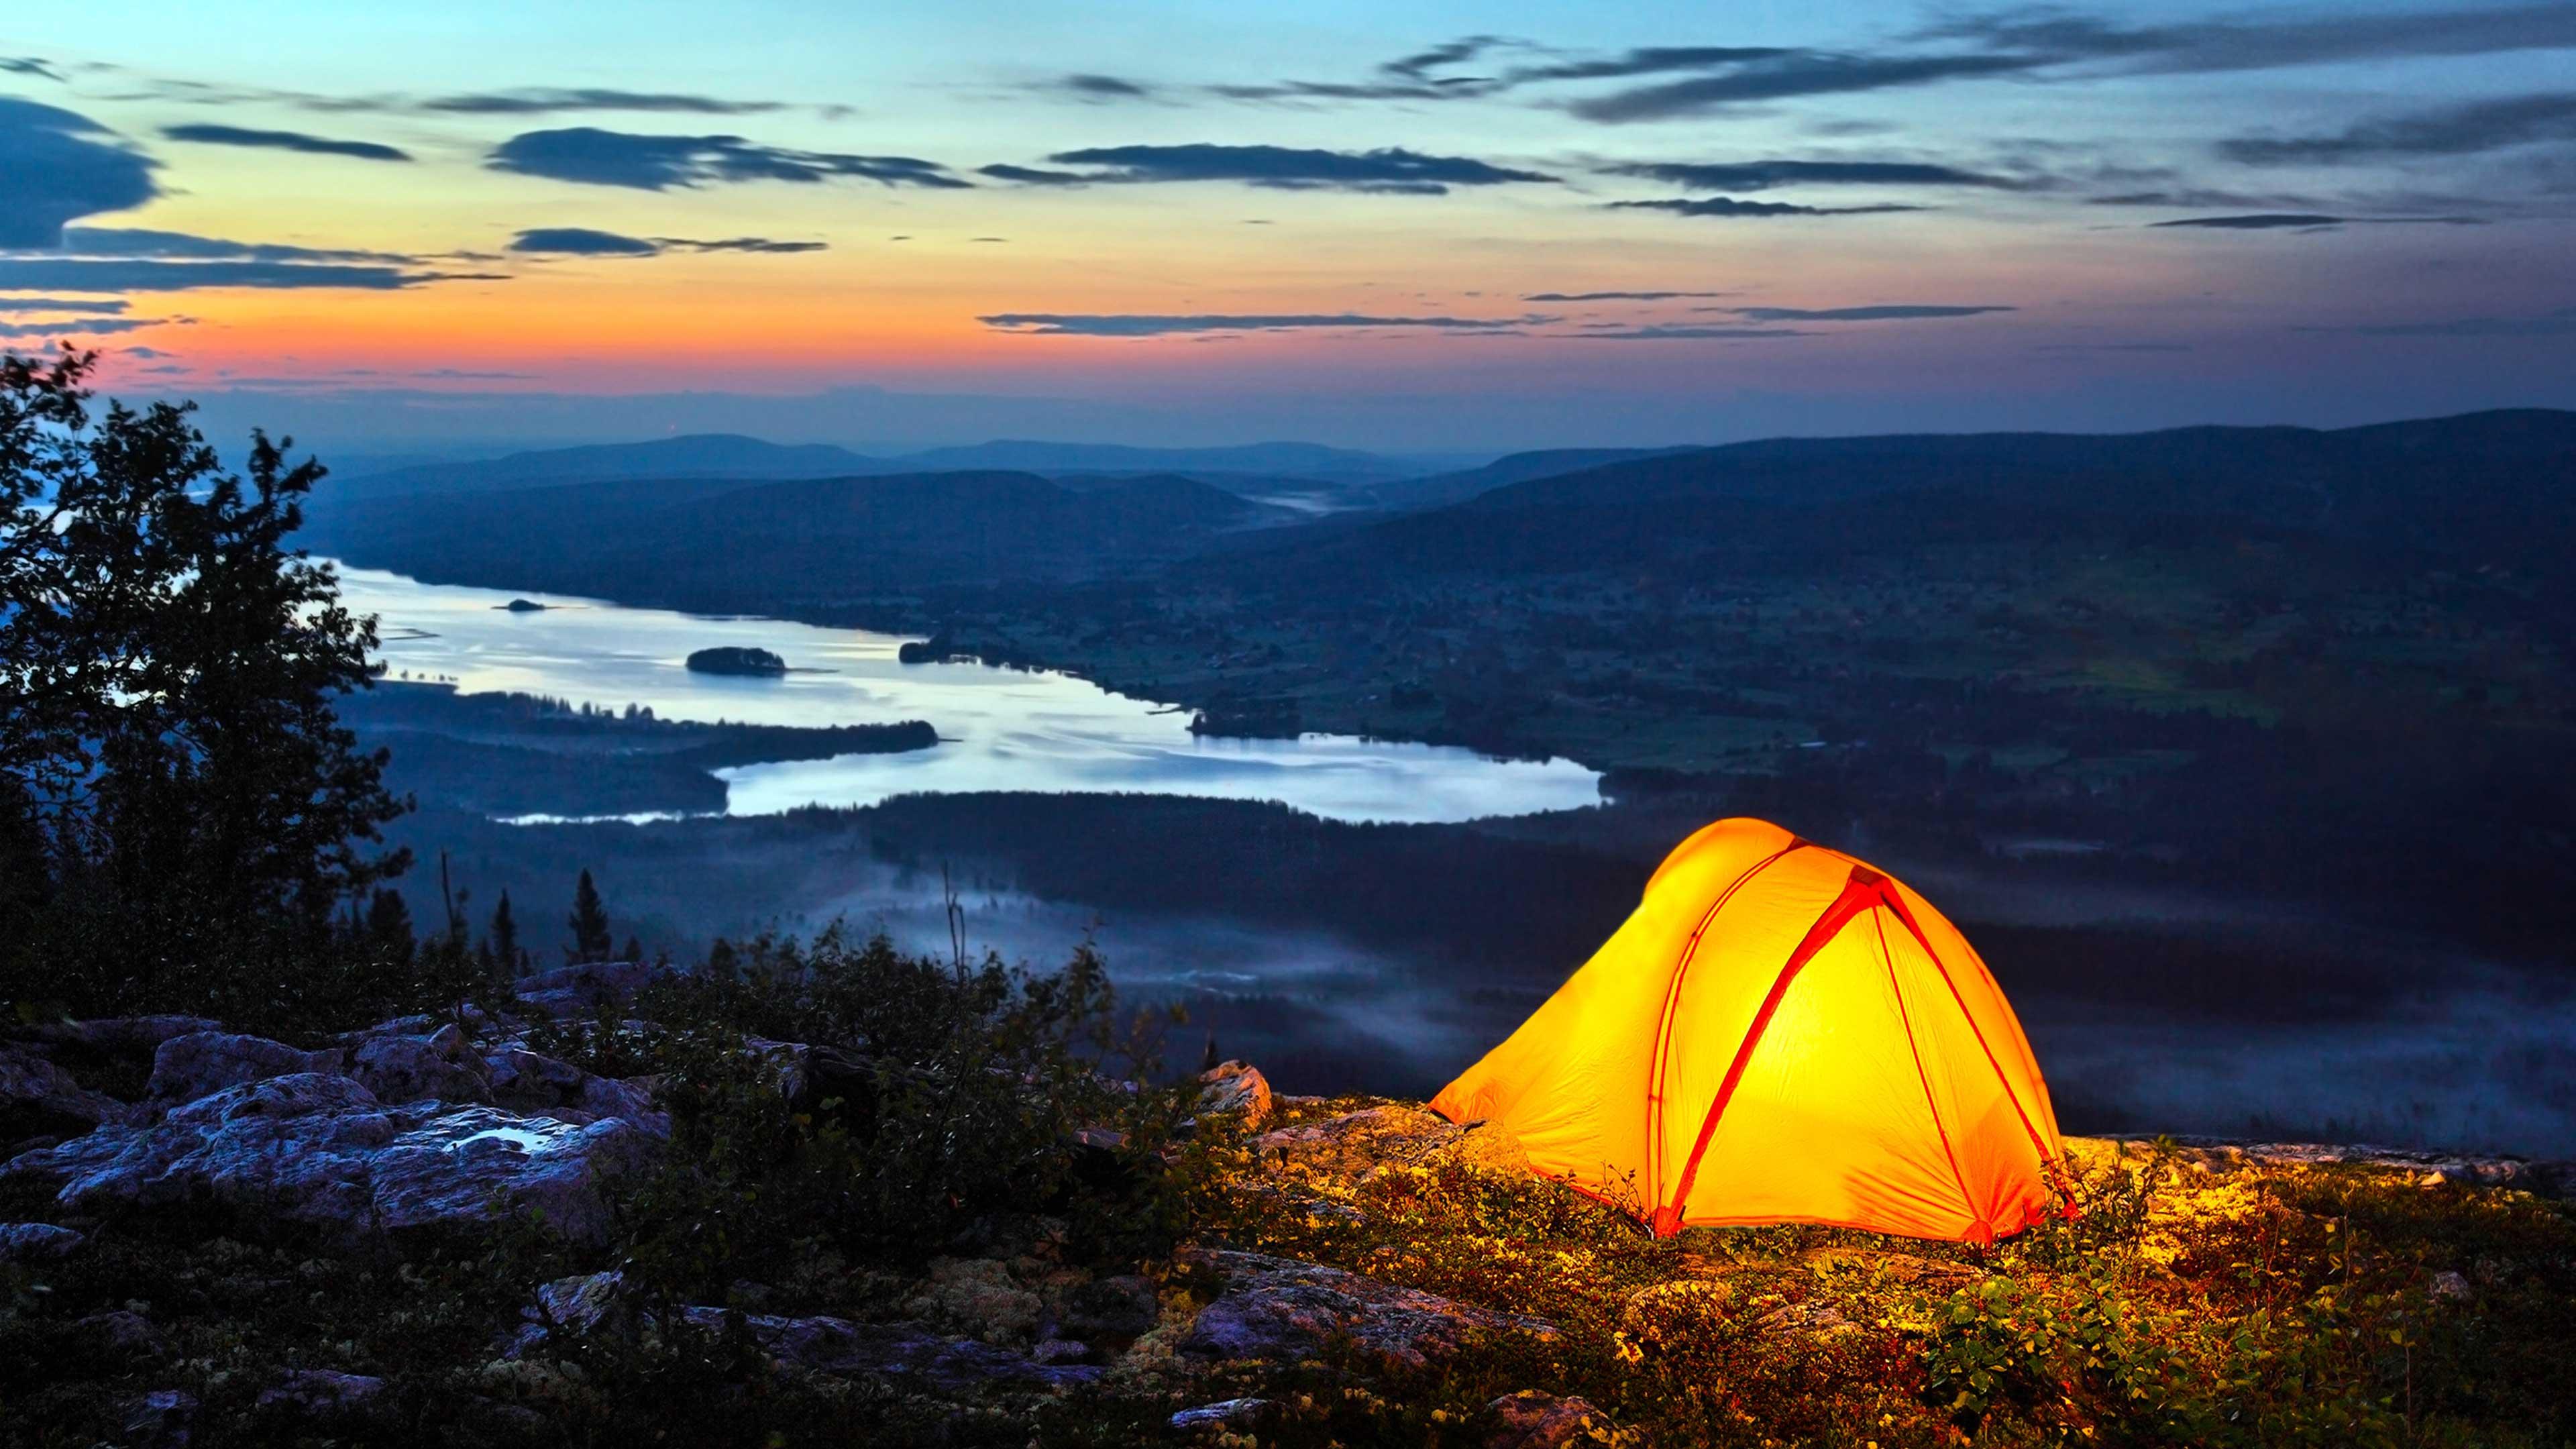 Yukarı Atlaslar'da Kamp Deneyimleri